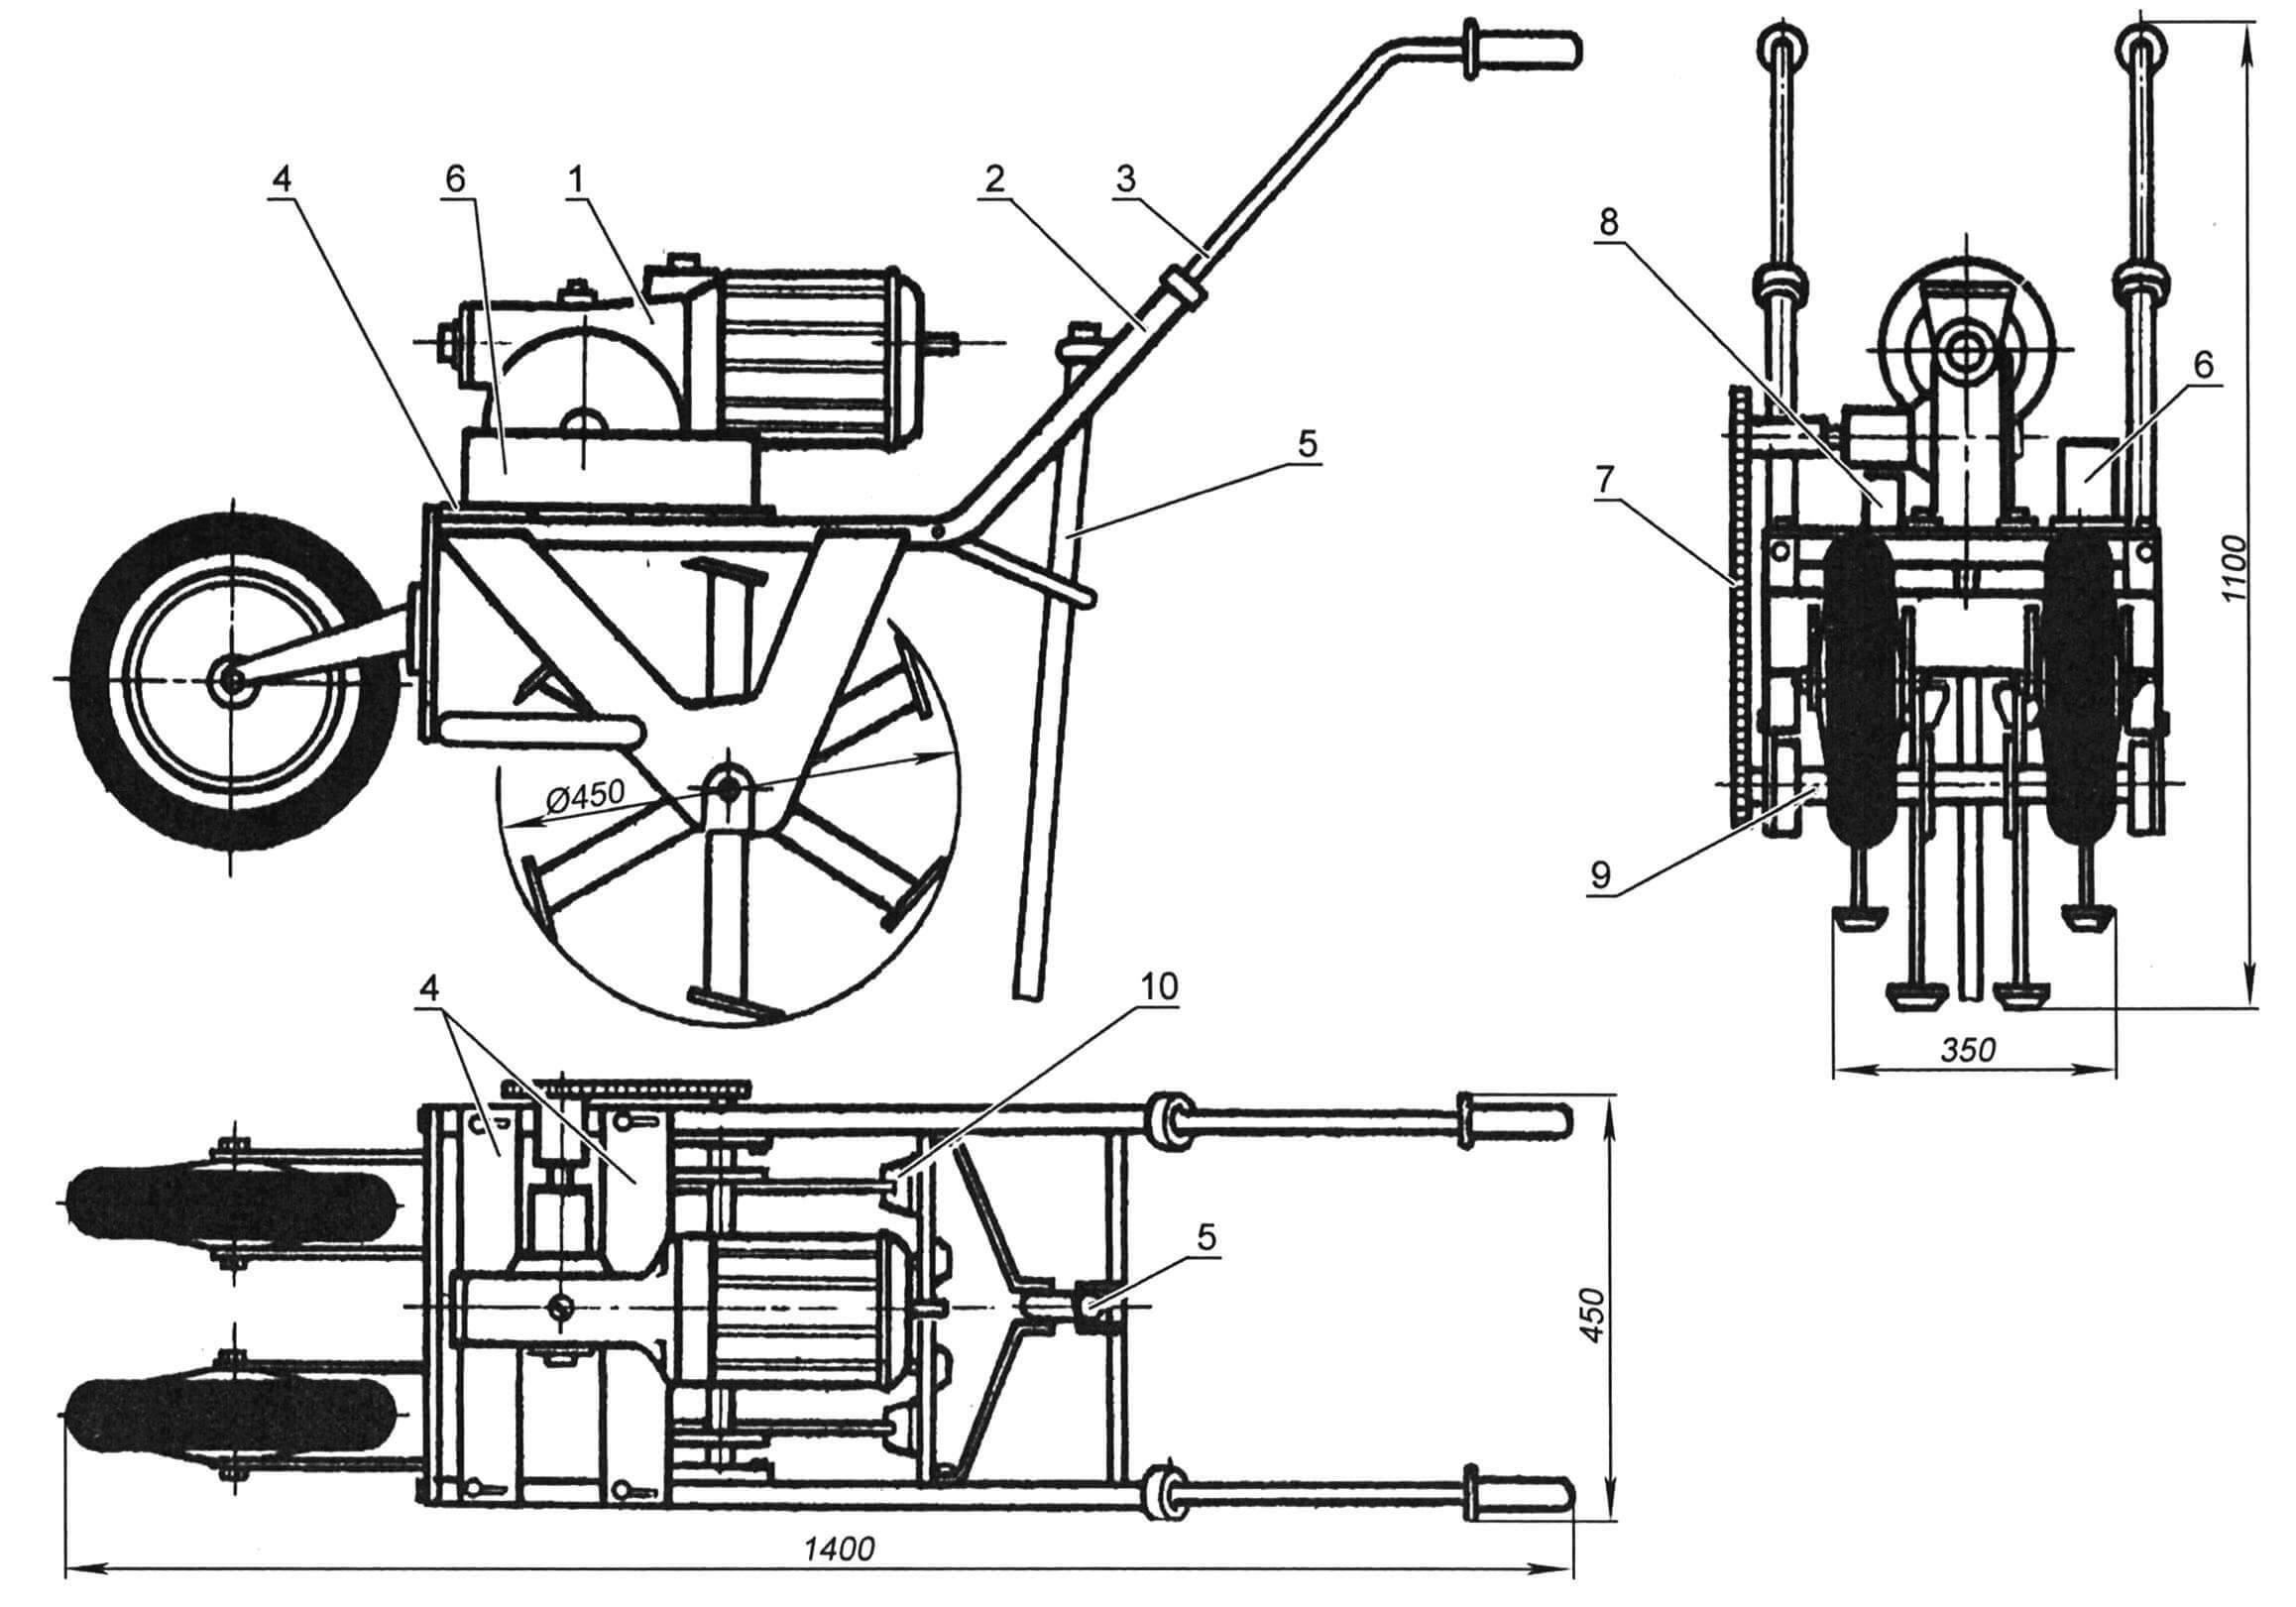 Электрофреза в сборе: 1 - мотор-редуктор; 2 - рама; 3 - ручки управления; 4 - пластины крепления мотор-редуктора; 5 - тормоз; 6 - основная батарея конденсаторов; 7 - цепь; 8 - пусковые конденсаторы; 9 - вал фрезы; 10 - нож фрезы